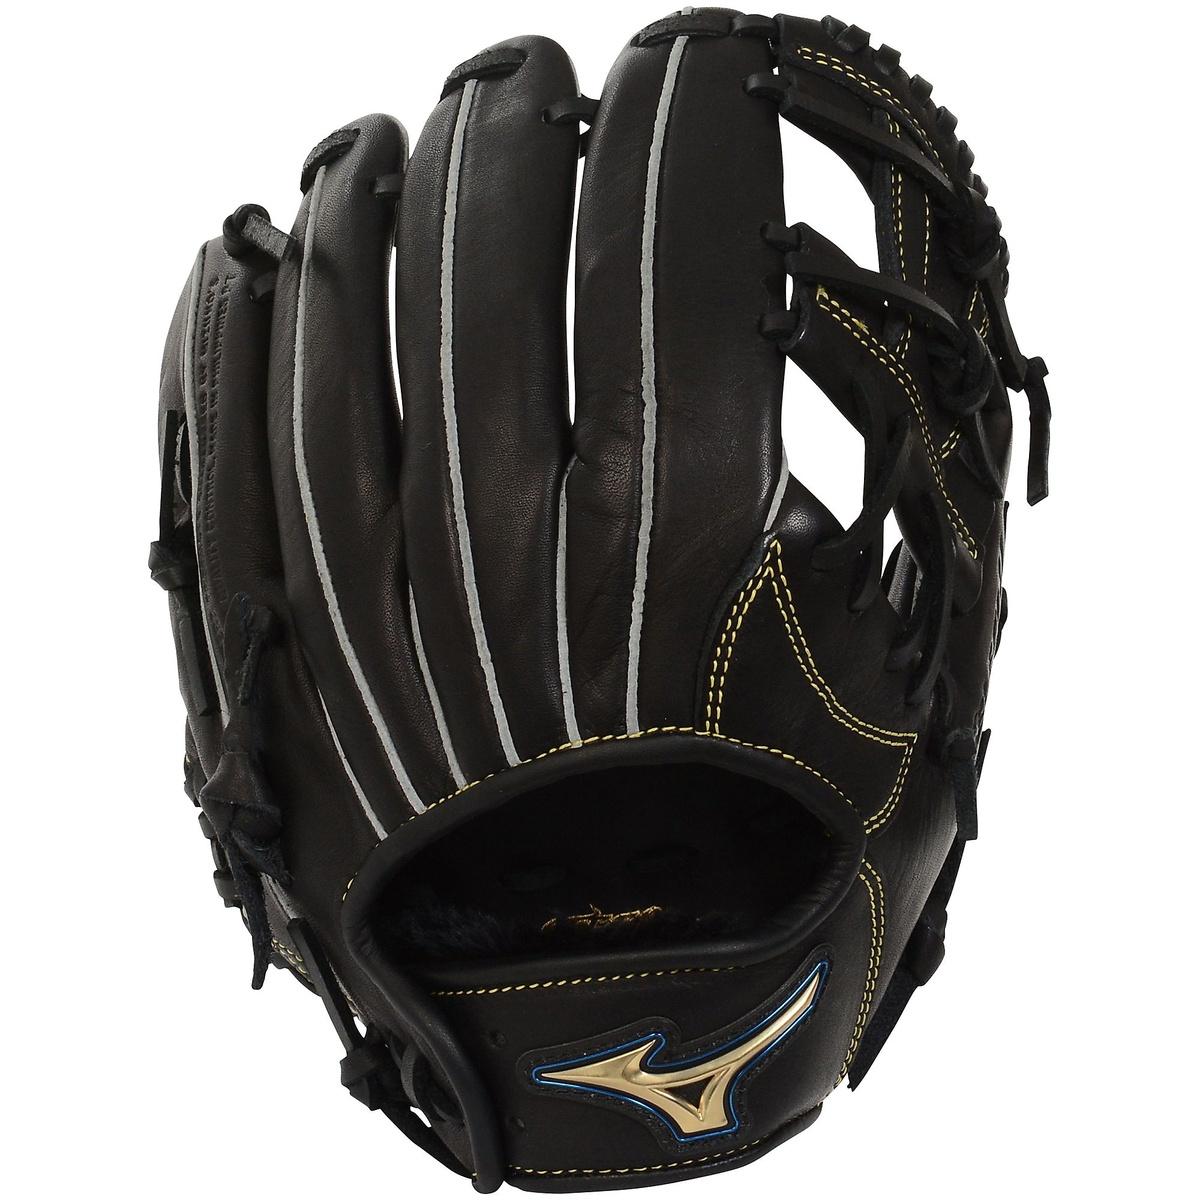 【送料無料】 MIZUNO (ミズノ) 野球 少年軟式グローブ ショウネン セレクト9 ボーイズ ブラック 1AJGY20800 09